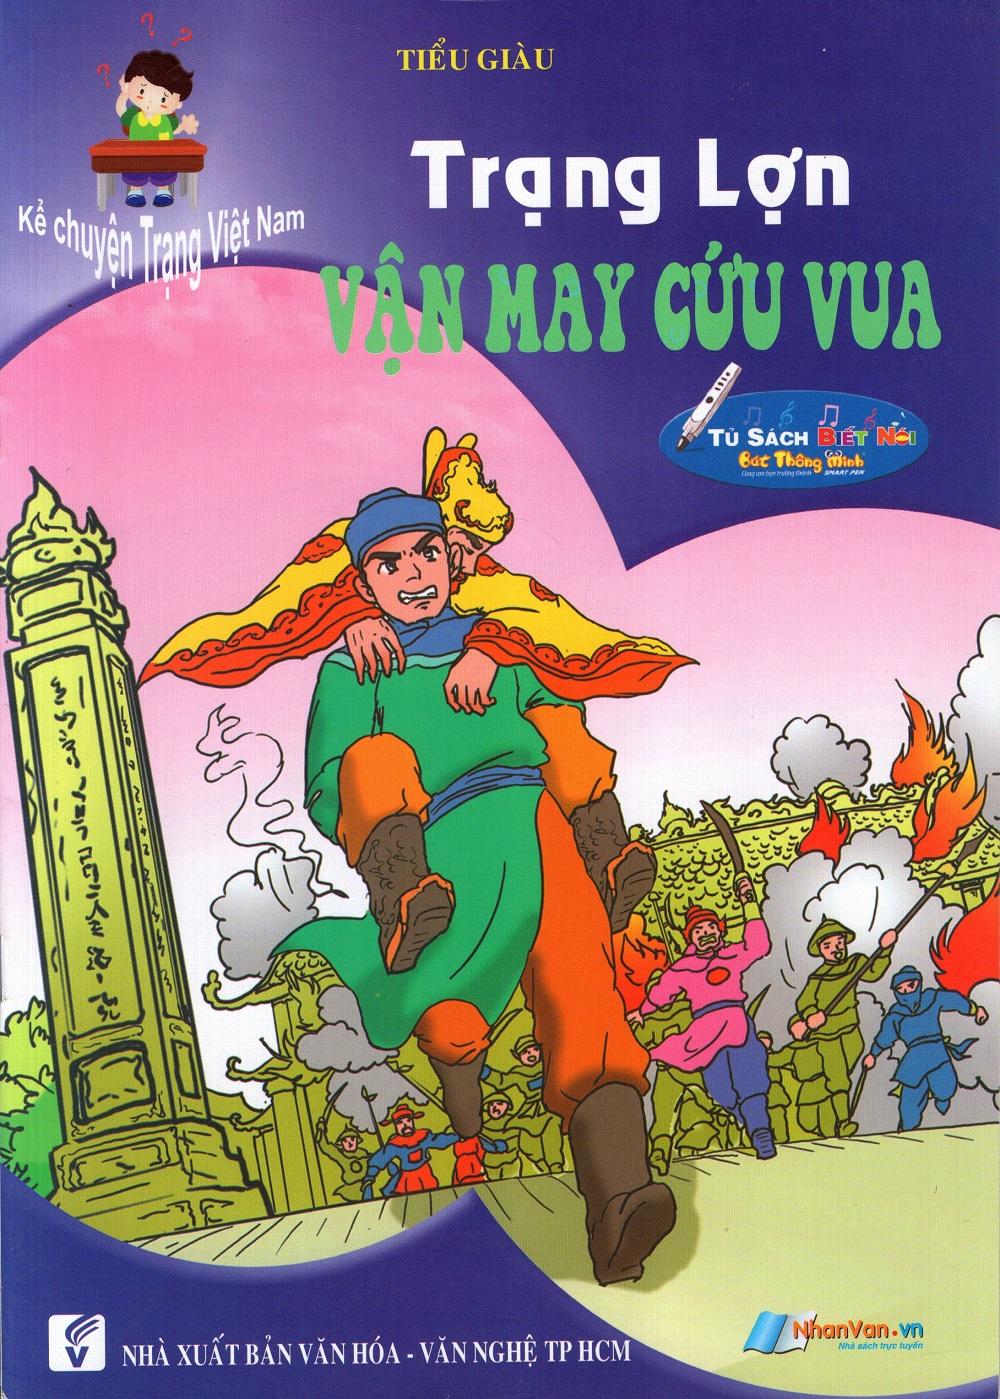 Kể Chuyện Trạng Việt Nam: Trạng Lợn - Vận May Cứu Chúa